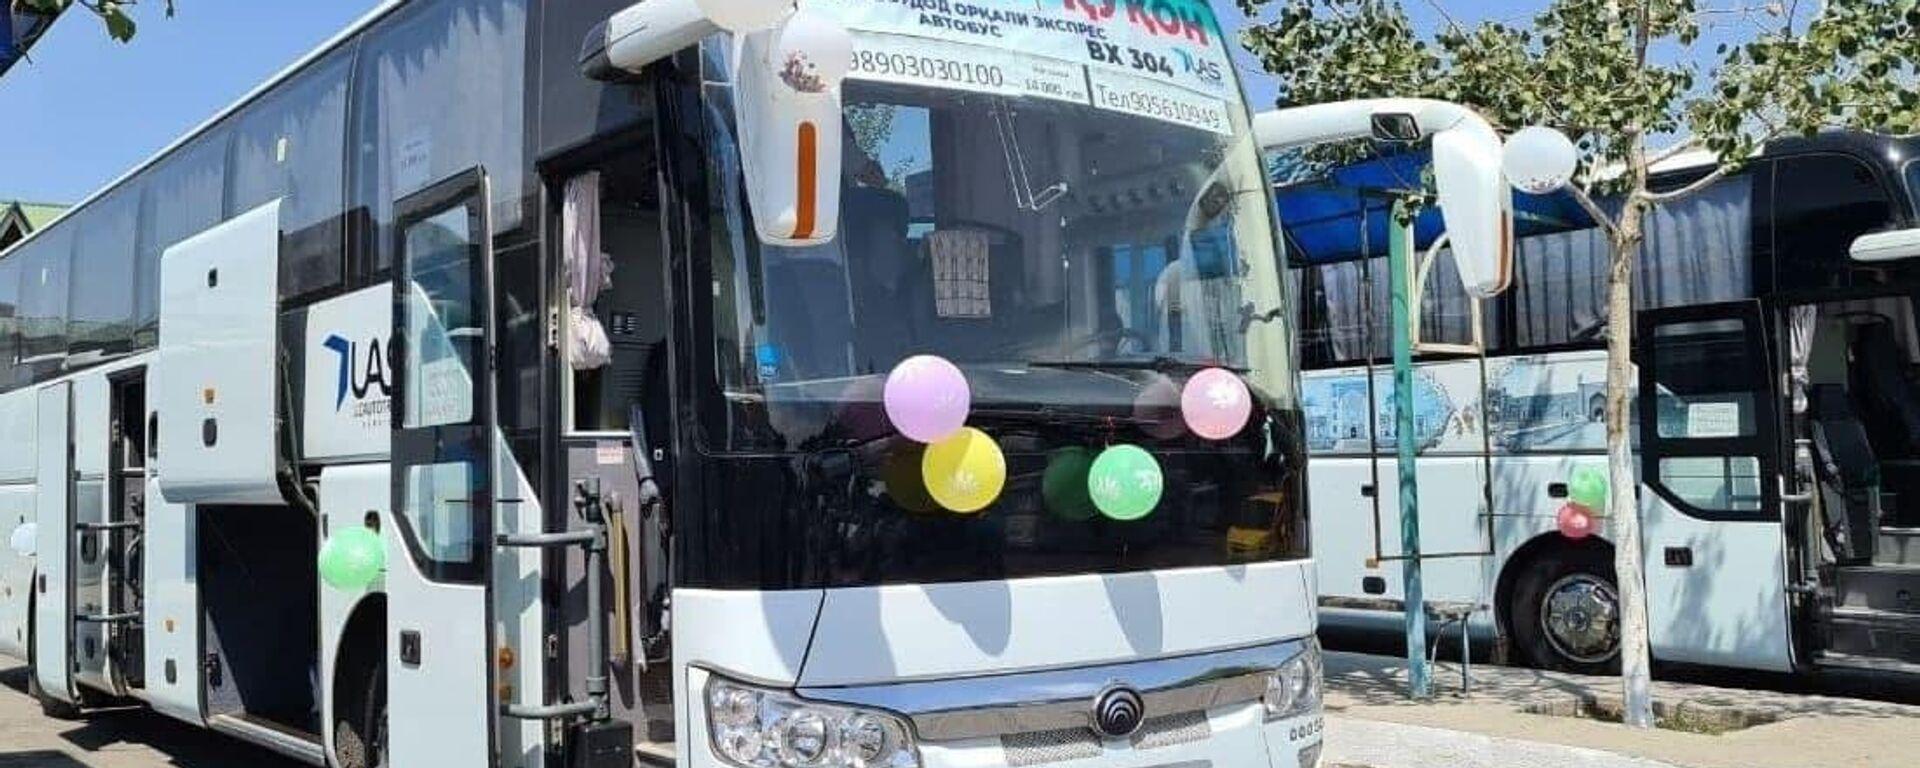 Между Ферганой и Кокандом запущено автобусное сообщение - Sputnik Узбекистан, 1920, 30.07.2021